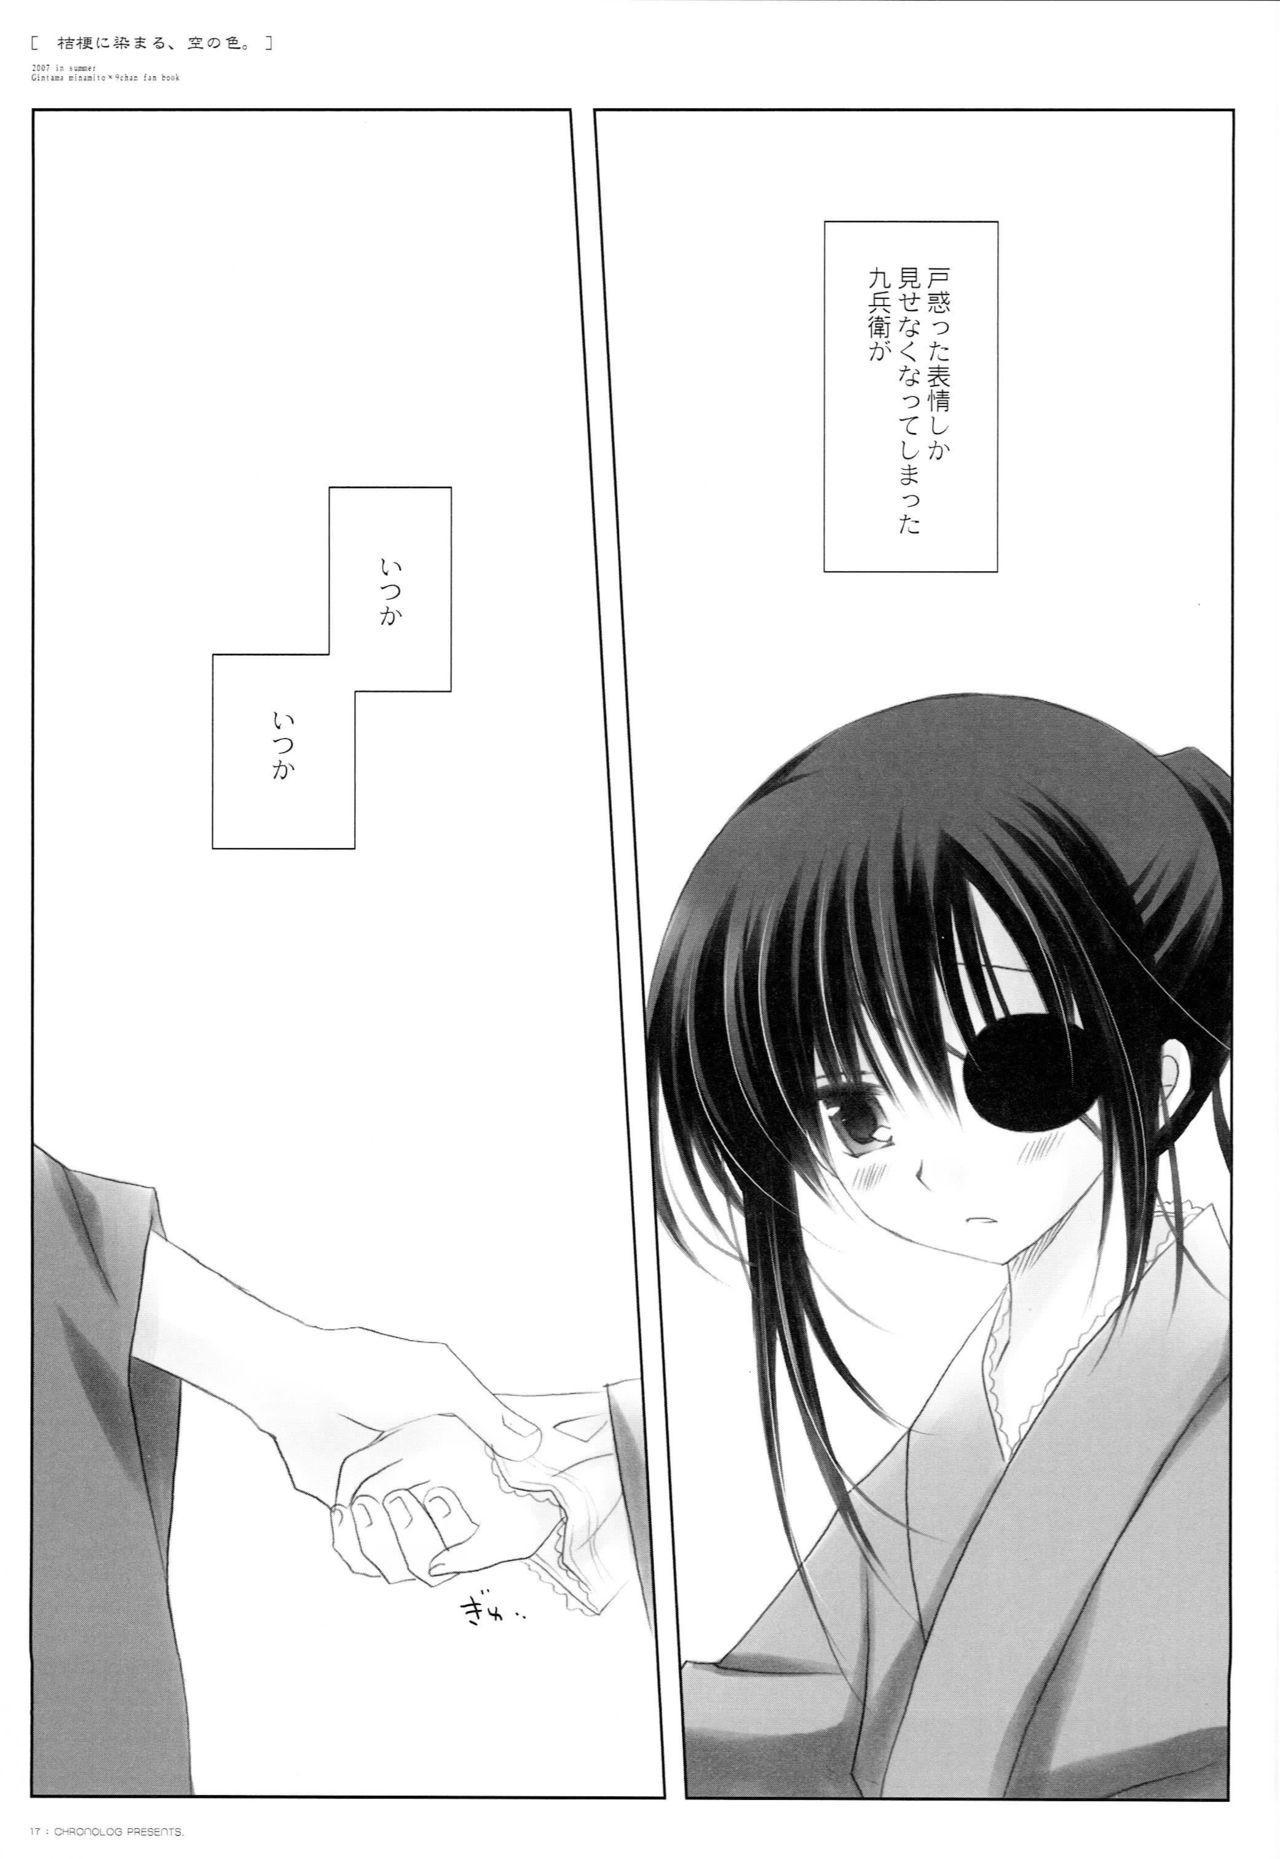 Kikyou ni Somaru Sora no Iro 15